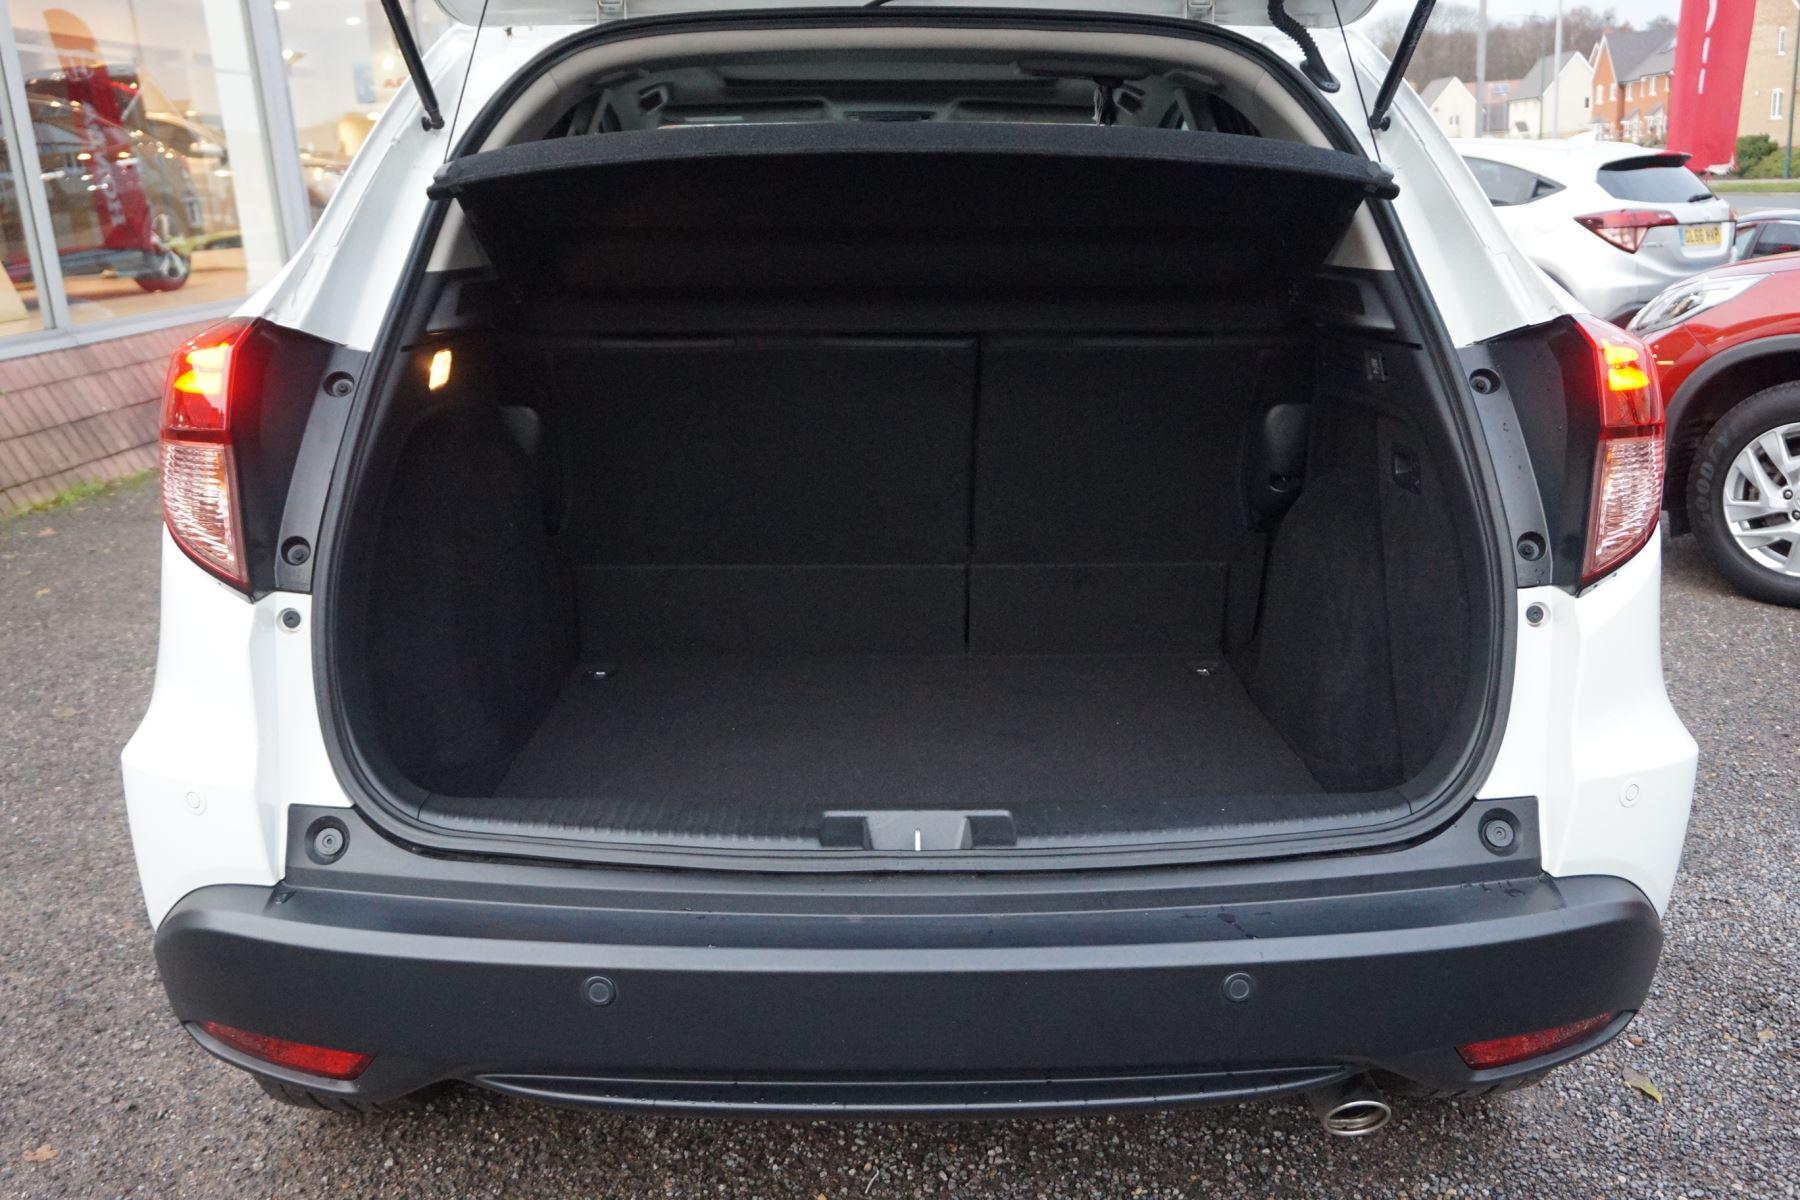 Honda HR-V 1.6 i-DTEC EX 5dr image 6